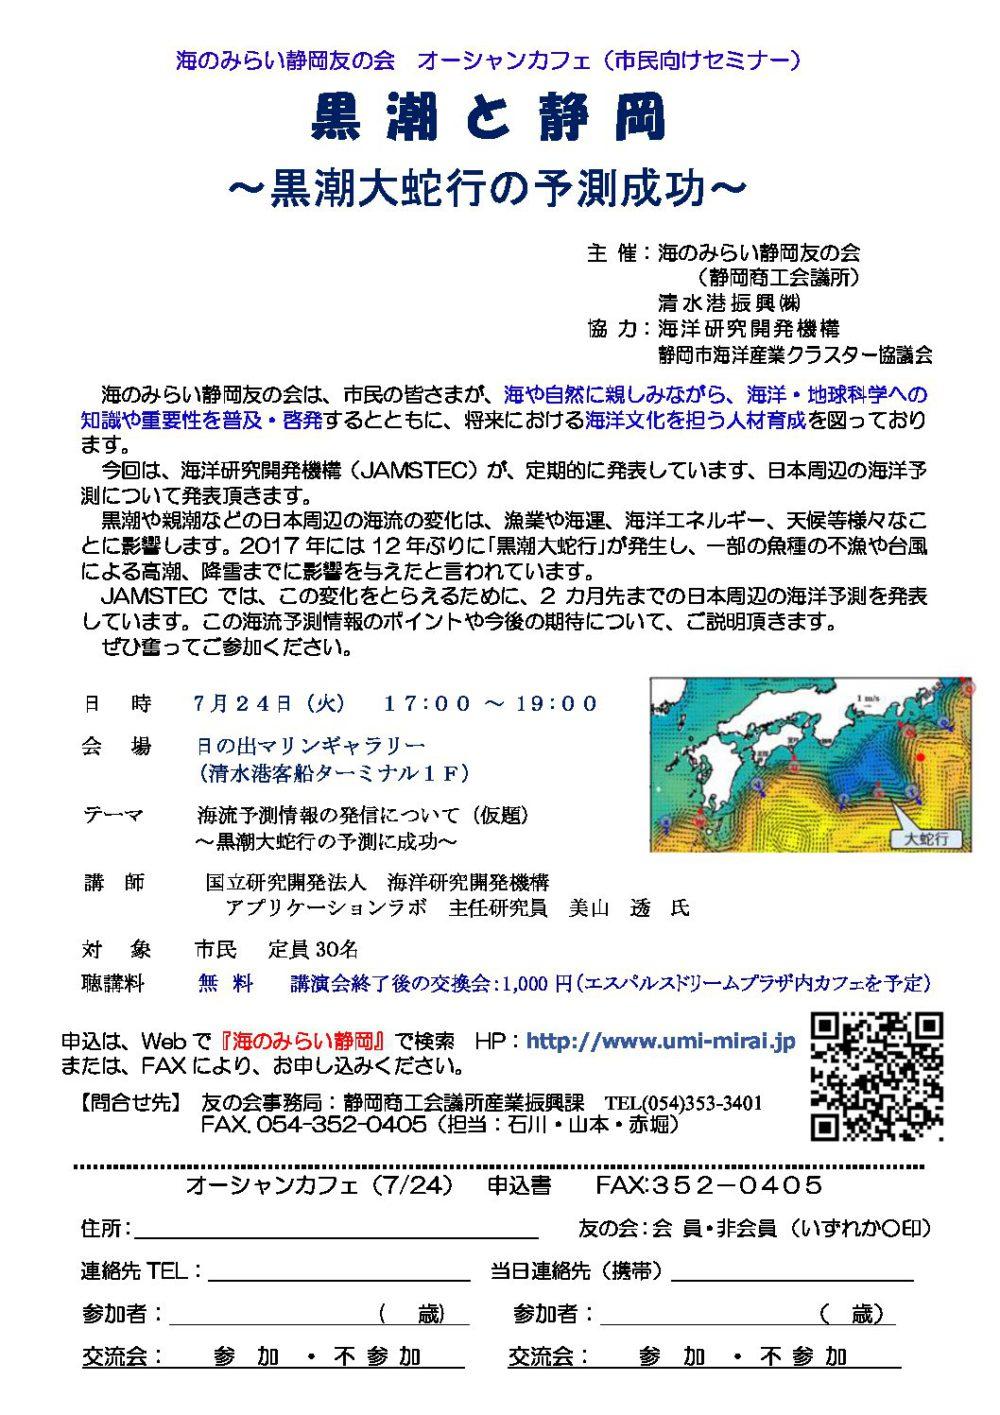 オーシャンカフェ(市民向けセミナー、主催:海のみらい静岡友の会)を開催します!